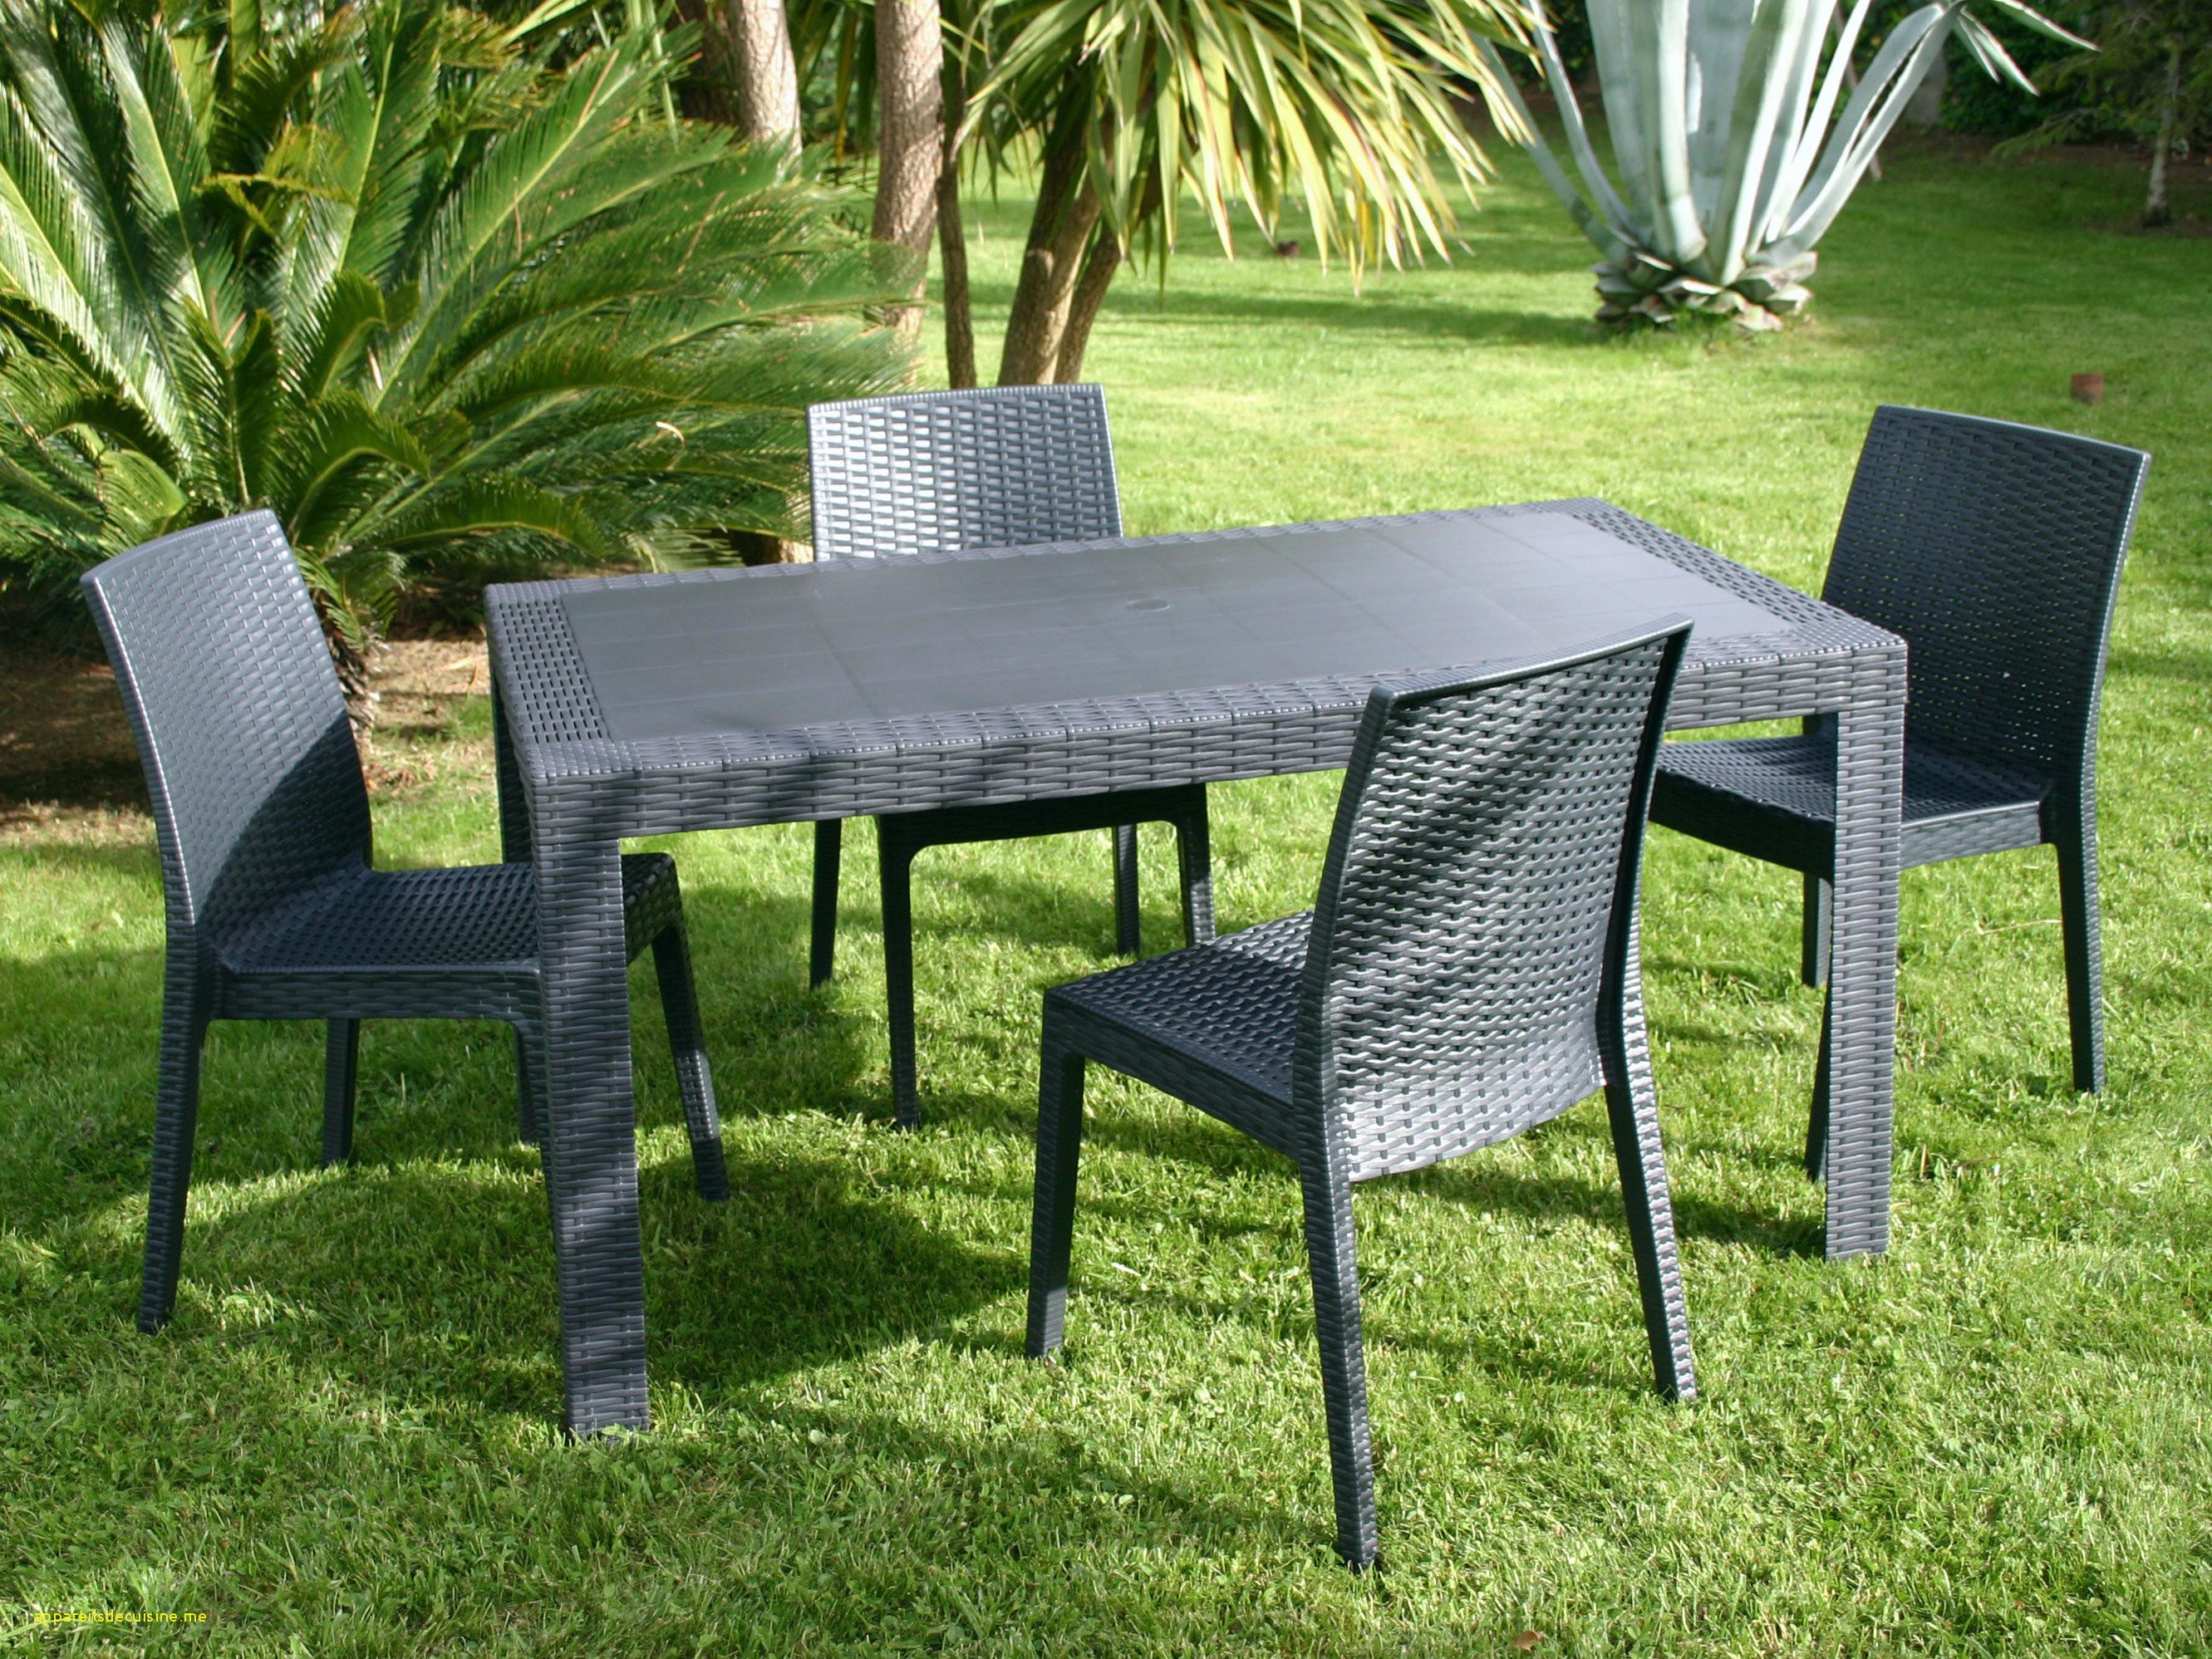 Table Salon Conforama Élégant Image Résultat Supérieur Table Salon Design Pas Cher Merveilleux Conforama